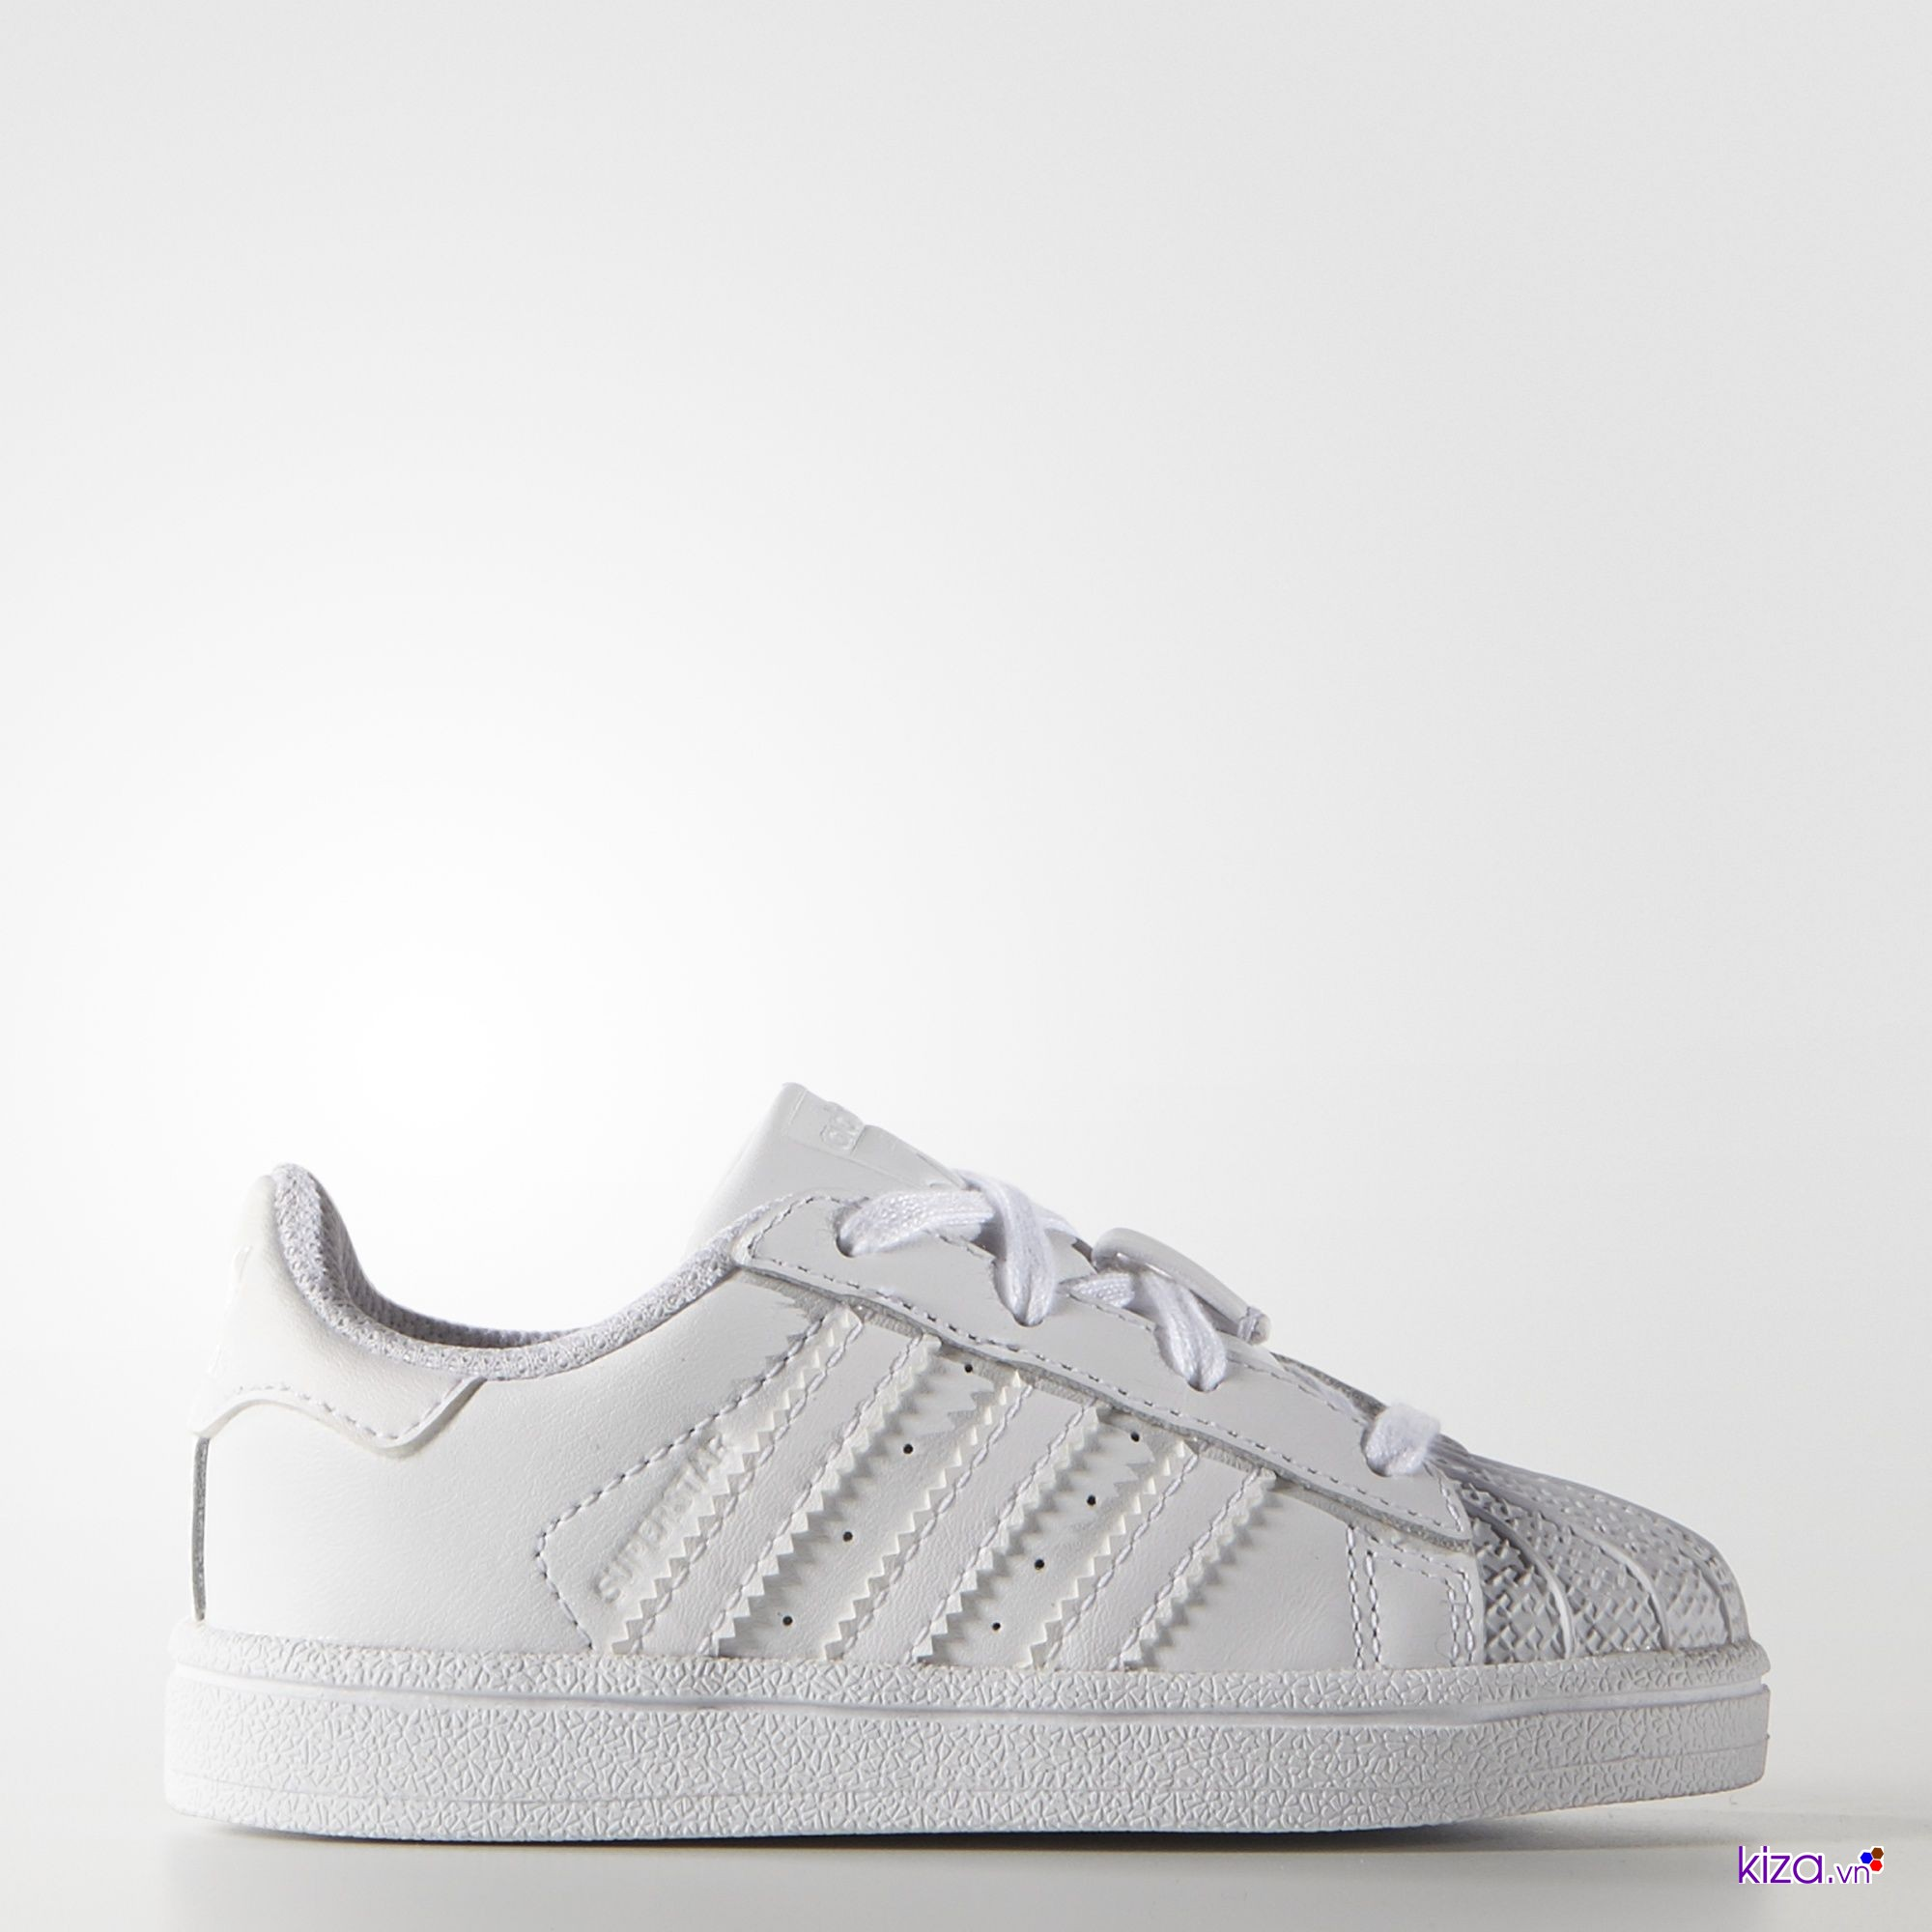 Phiên bản hoàn hảo dành cho những chàng mê những đôi giày thể thao màu trắng Adidas